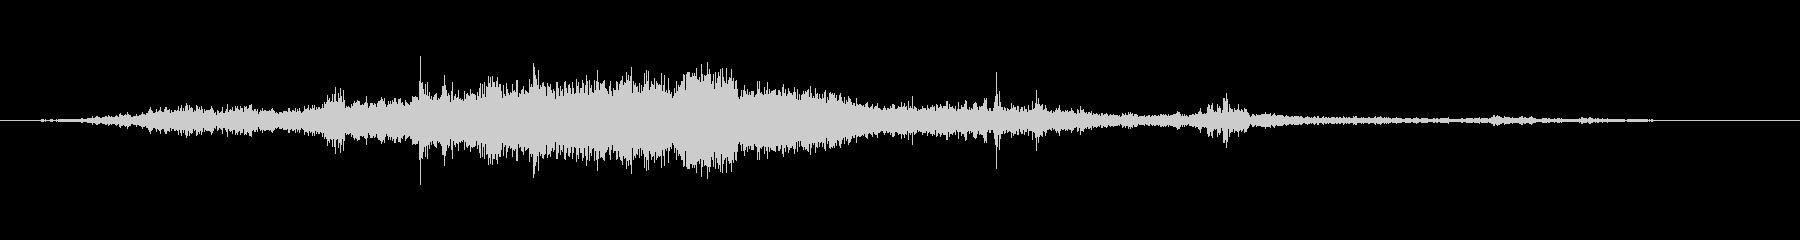 【環境音】飛行機の音02(羽田)の未再生の波形